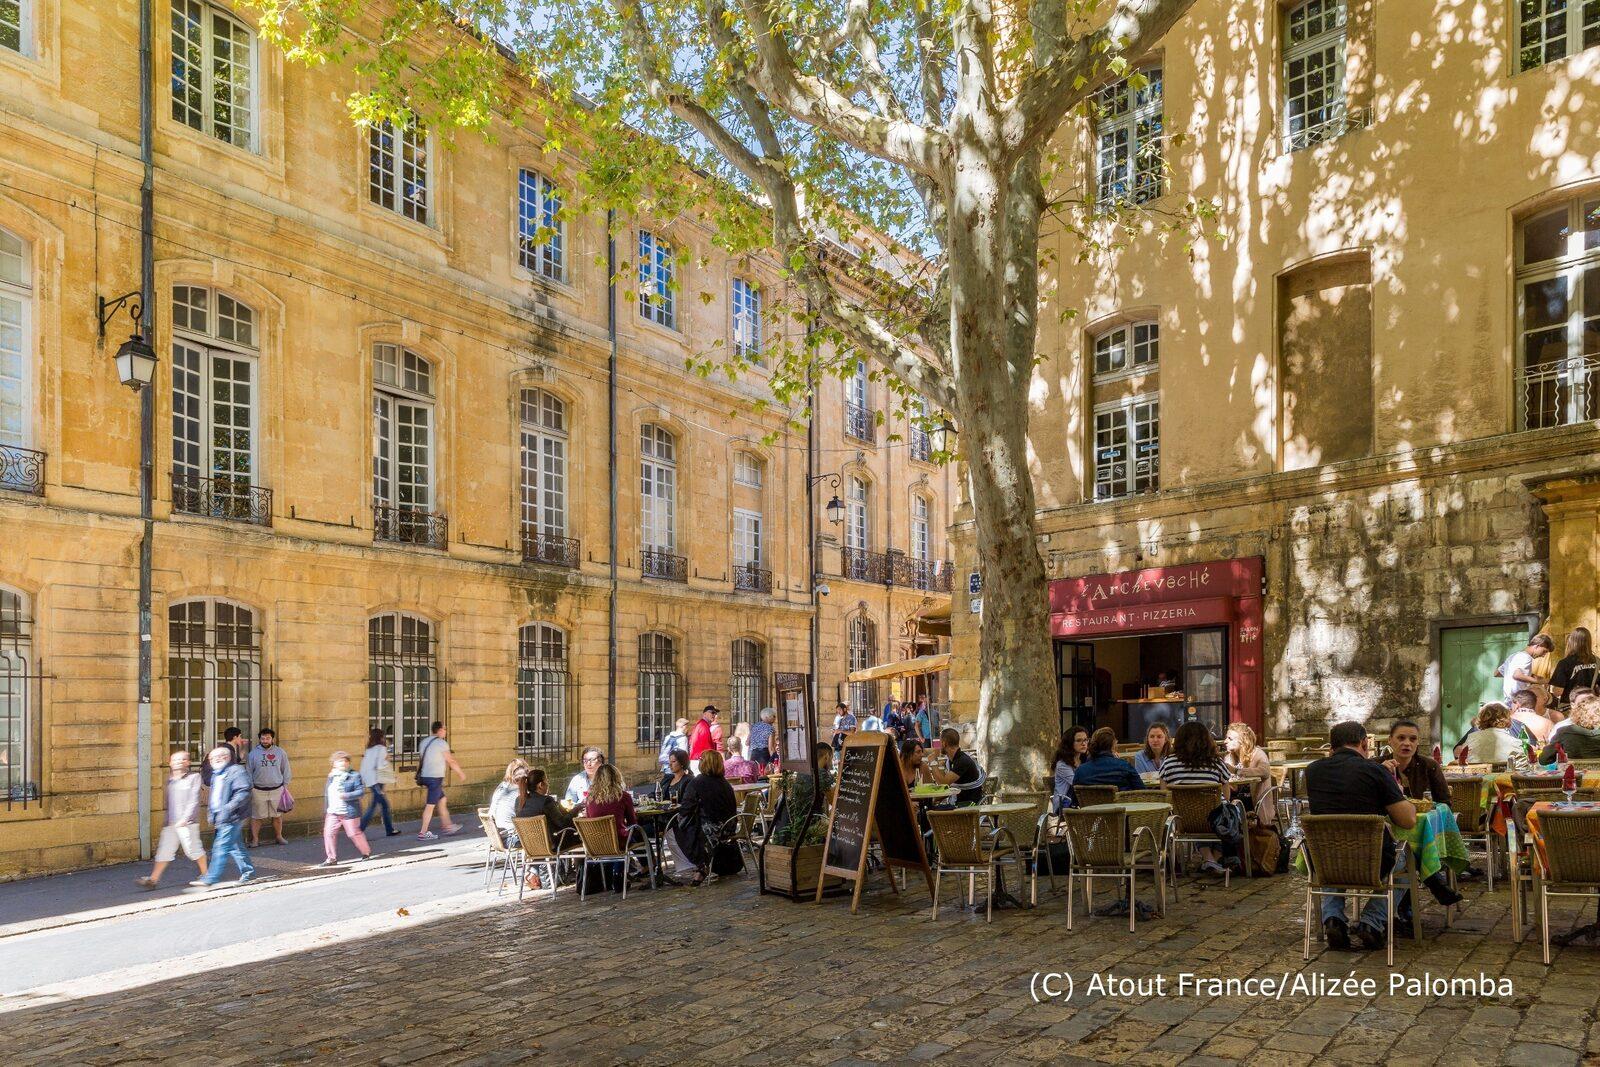 Bekijk het aanbod vakantiehuizen in Frankrijk